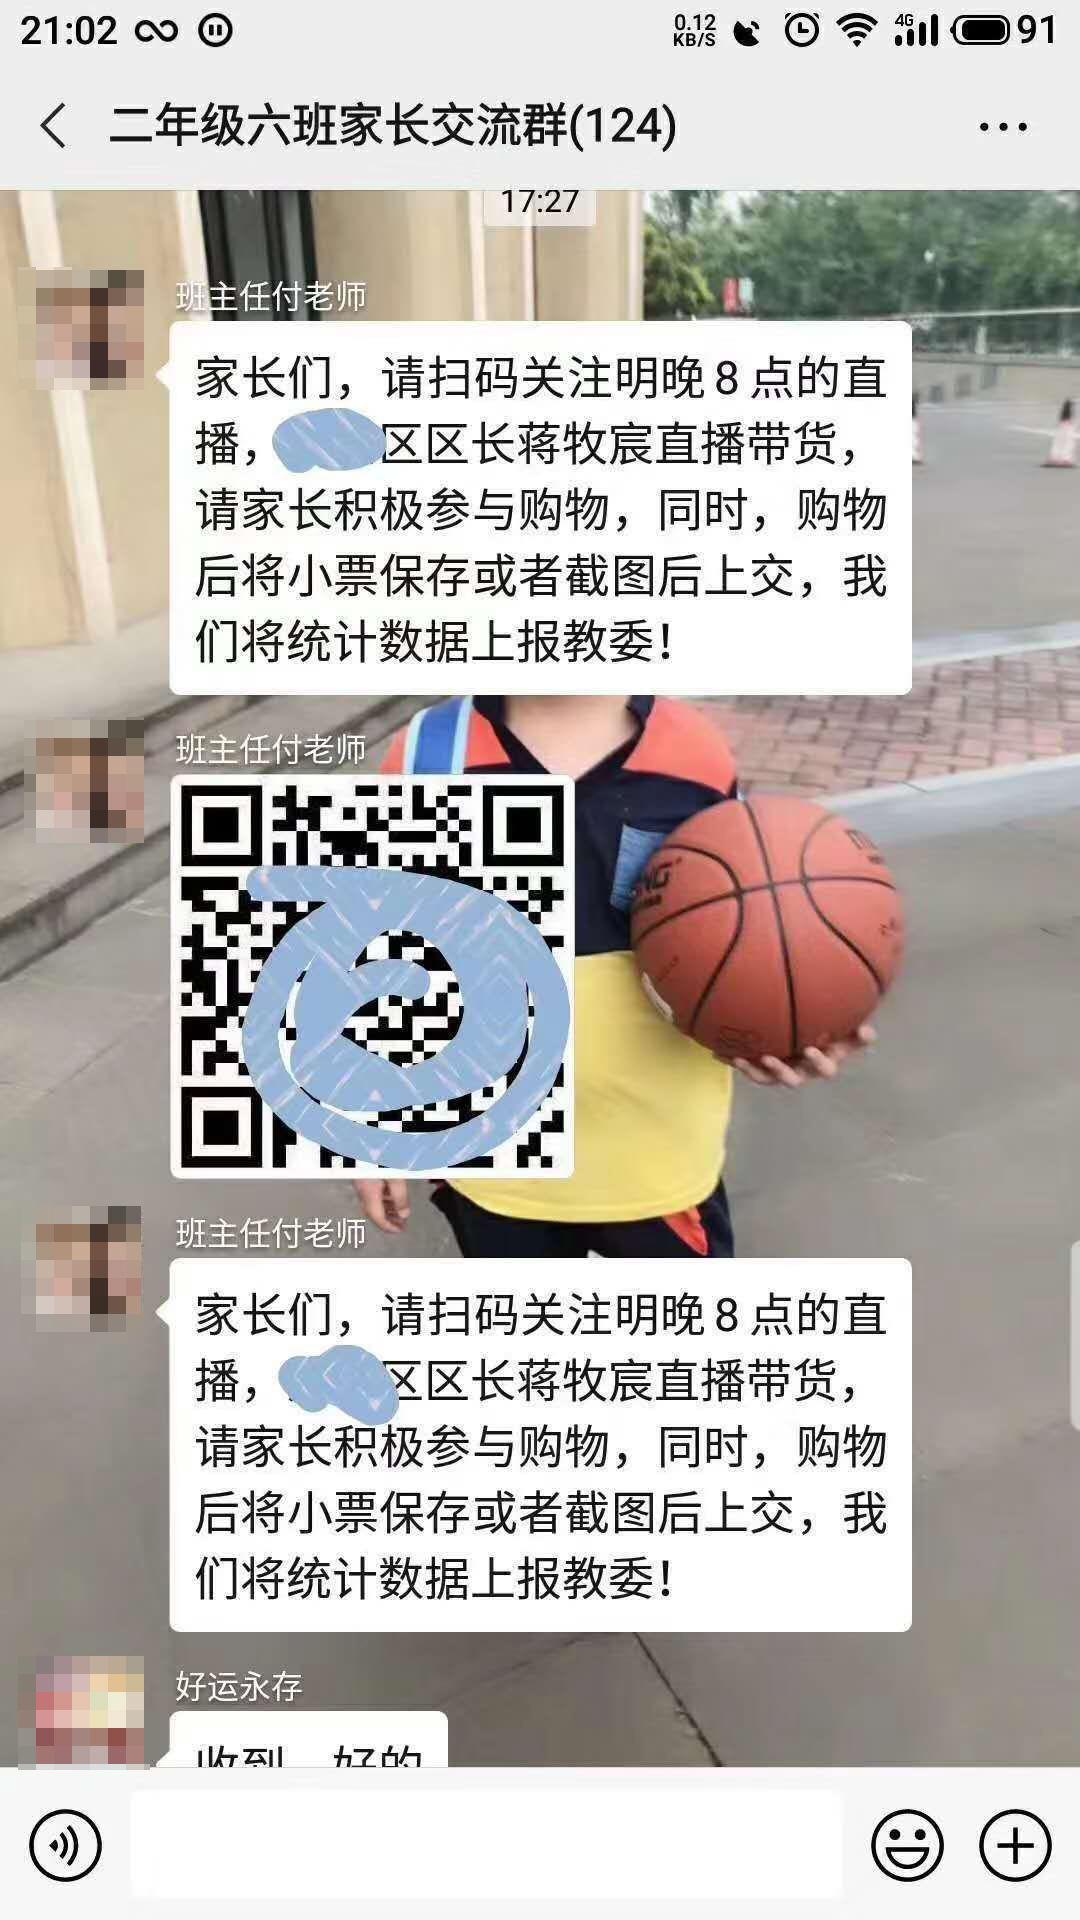 【广州亚洲天堂】_区长直播带货 小学教师在班级群转发:请家长积极参与购物